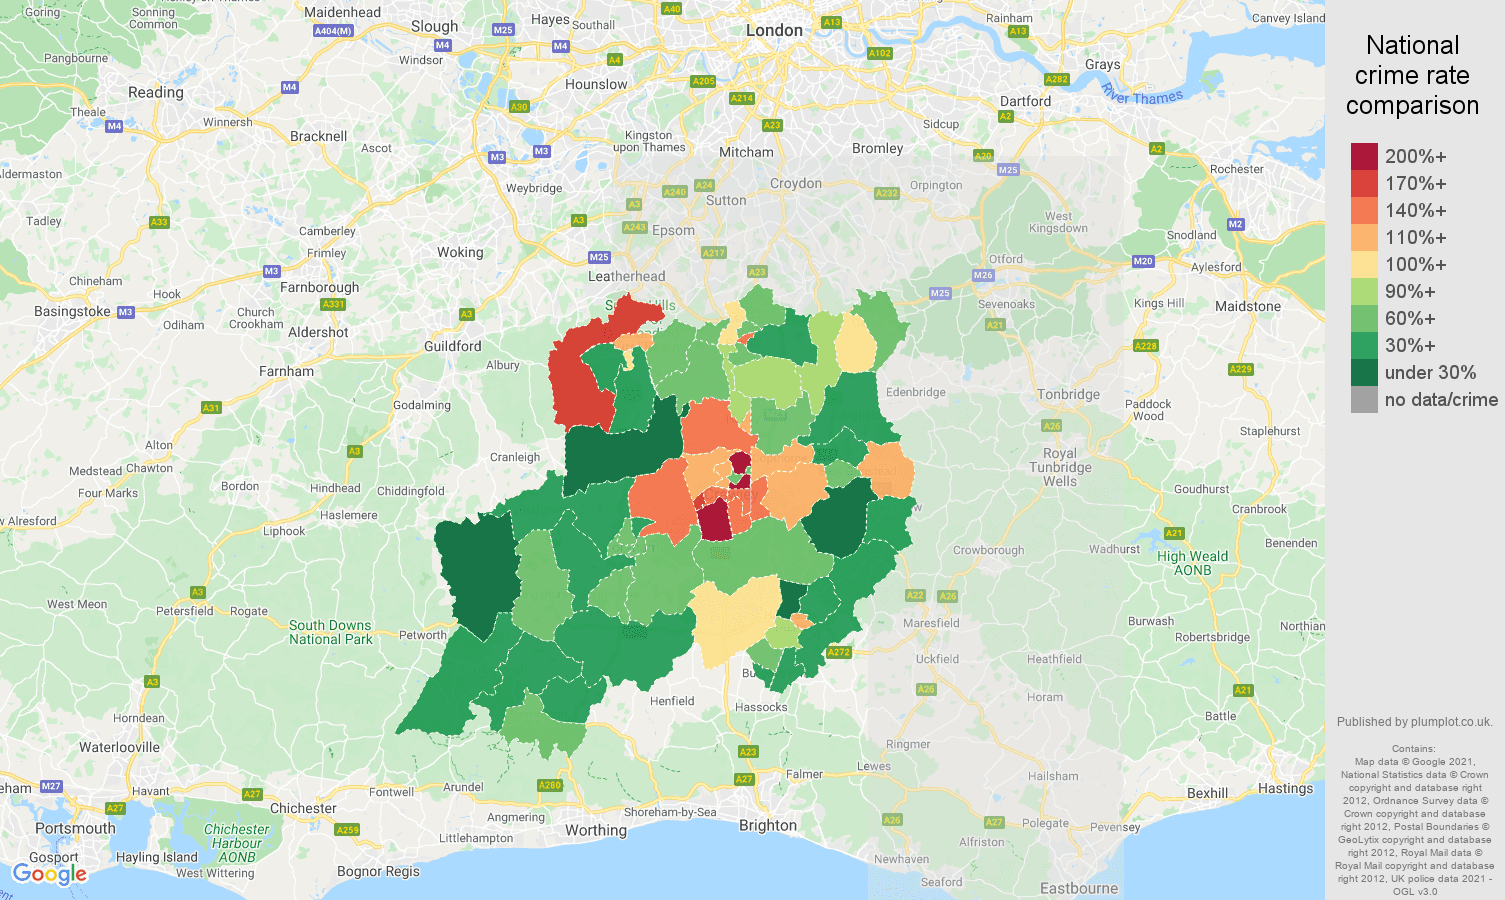 Redhill drugs crime rate comparison map